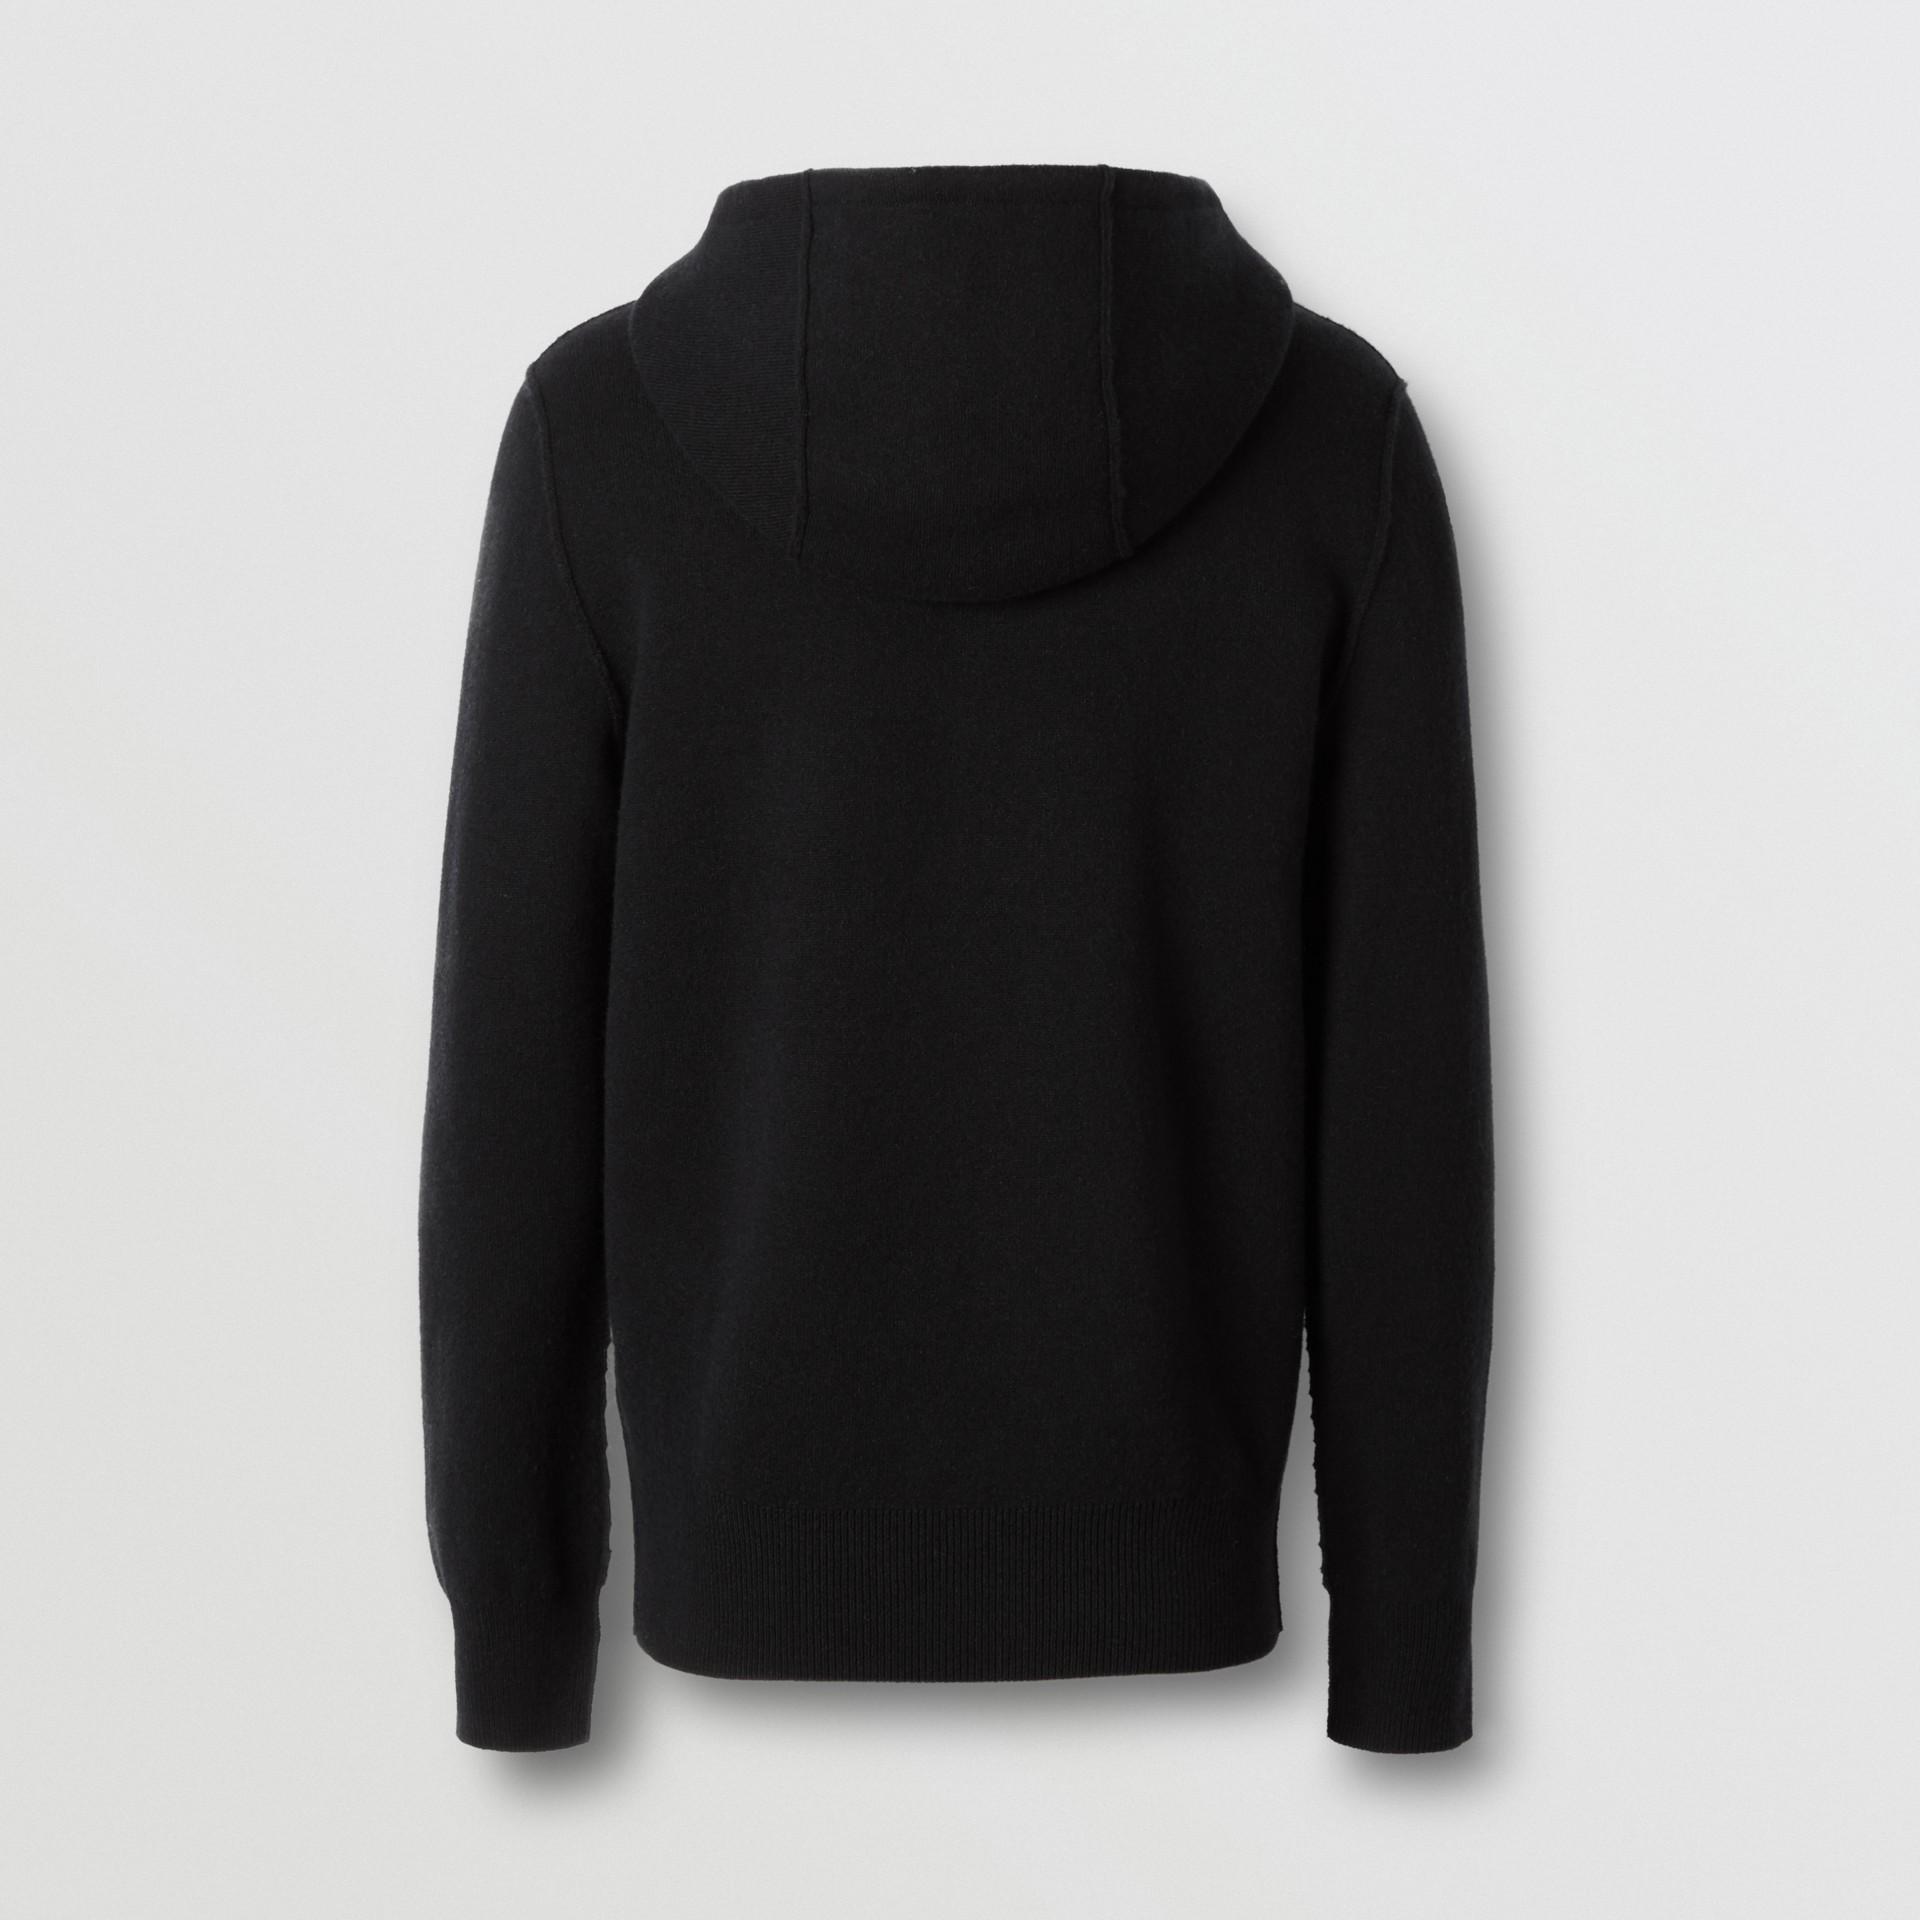 Haut à capuche en cachemire mélangé Monogram (Noir) - Homme | Burberry - photo de la galerie 5